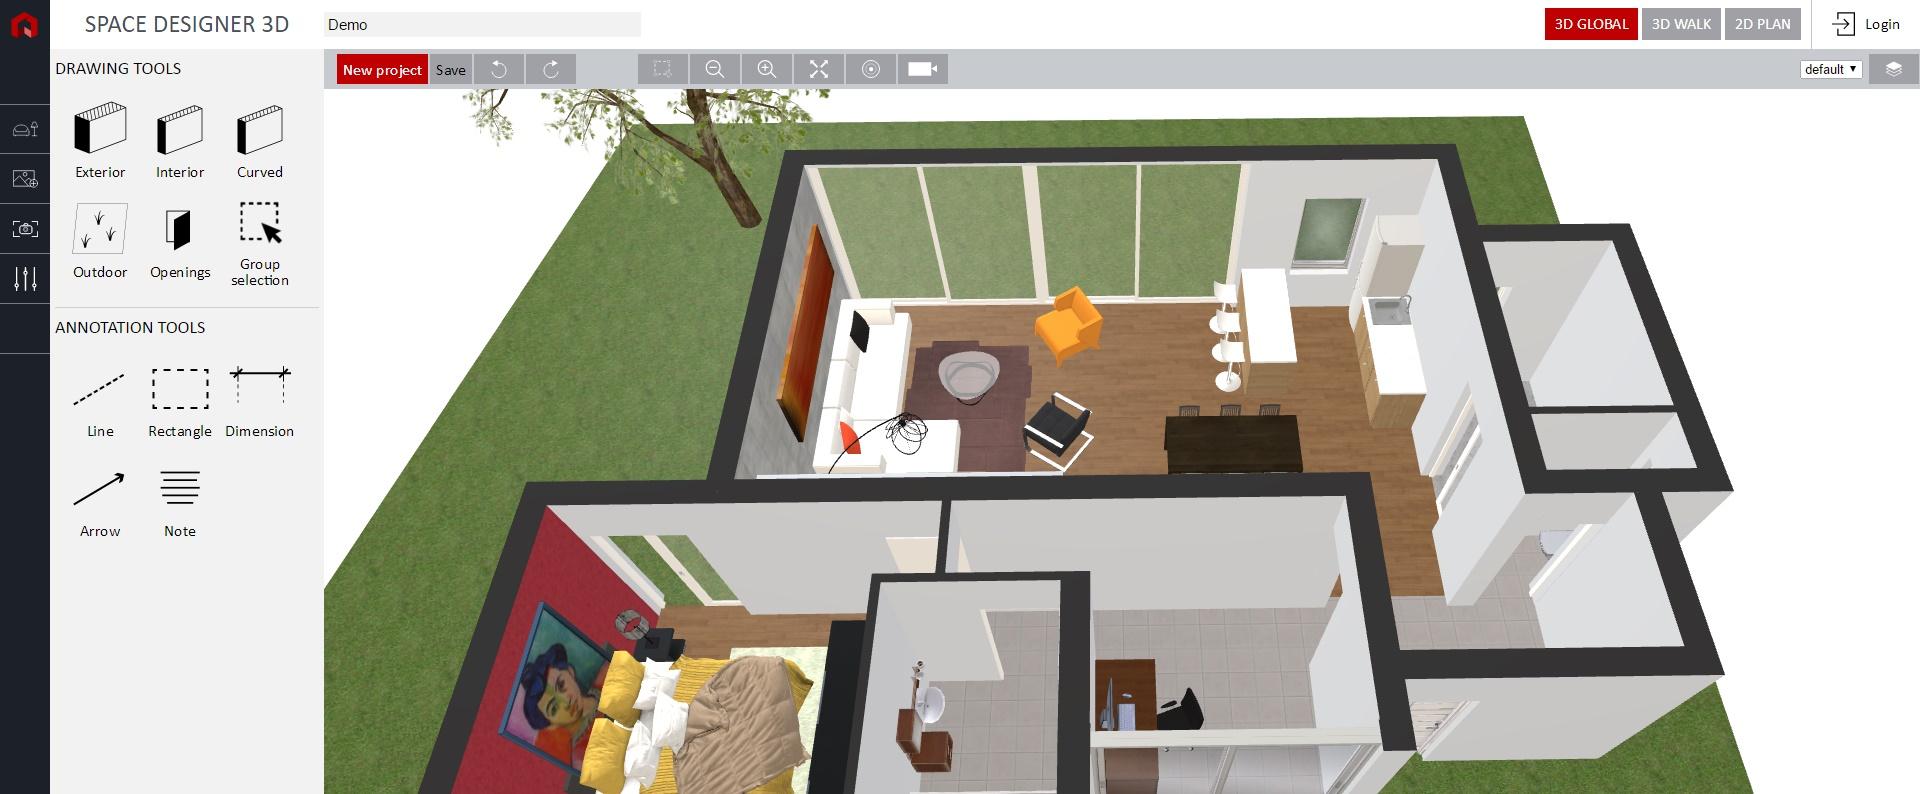 Space-designer-3D